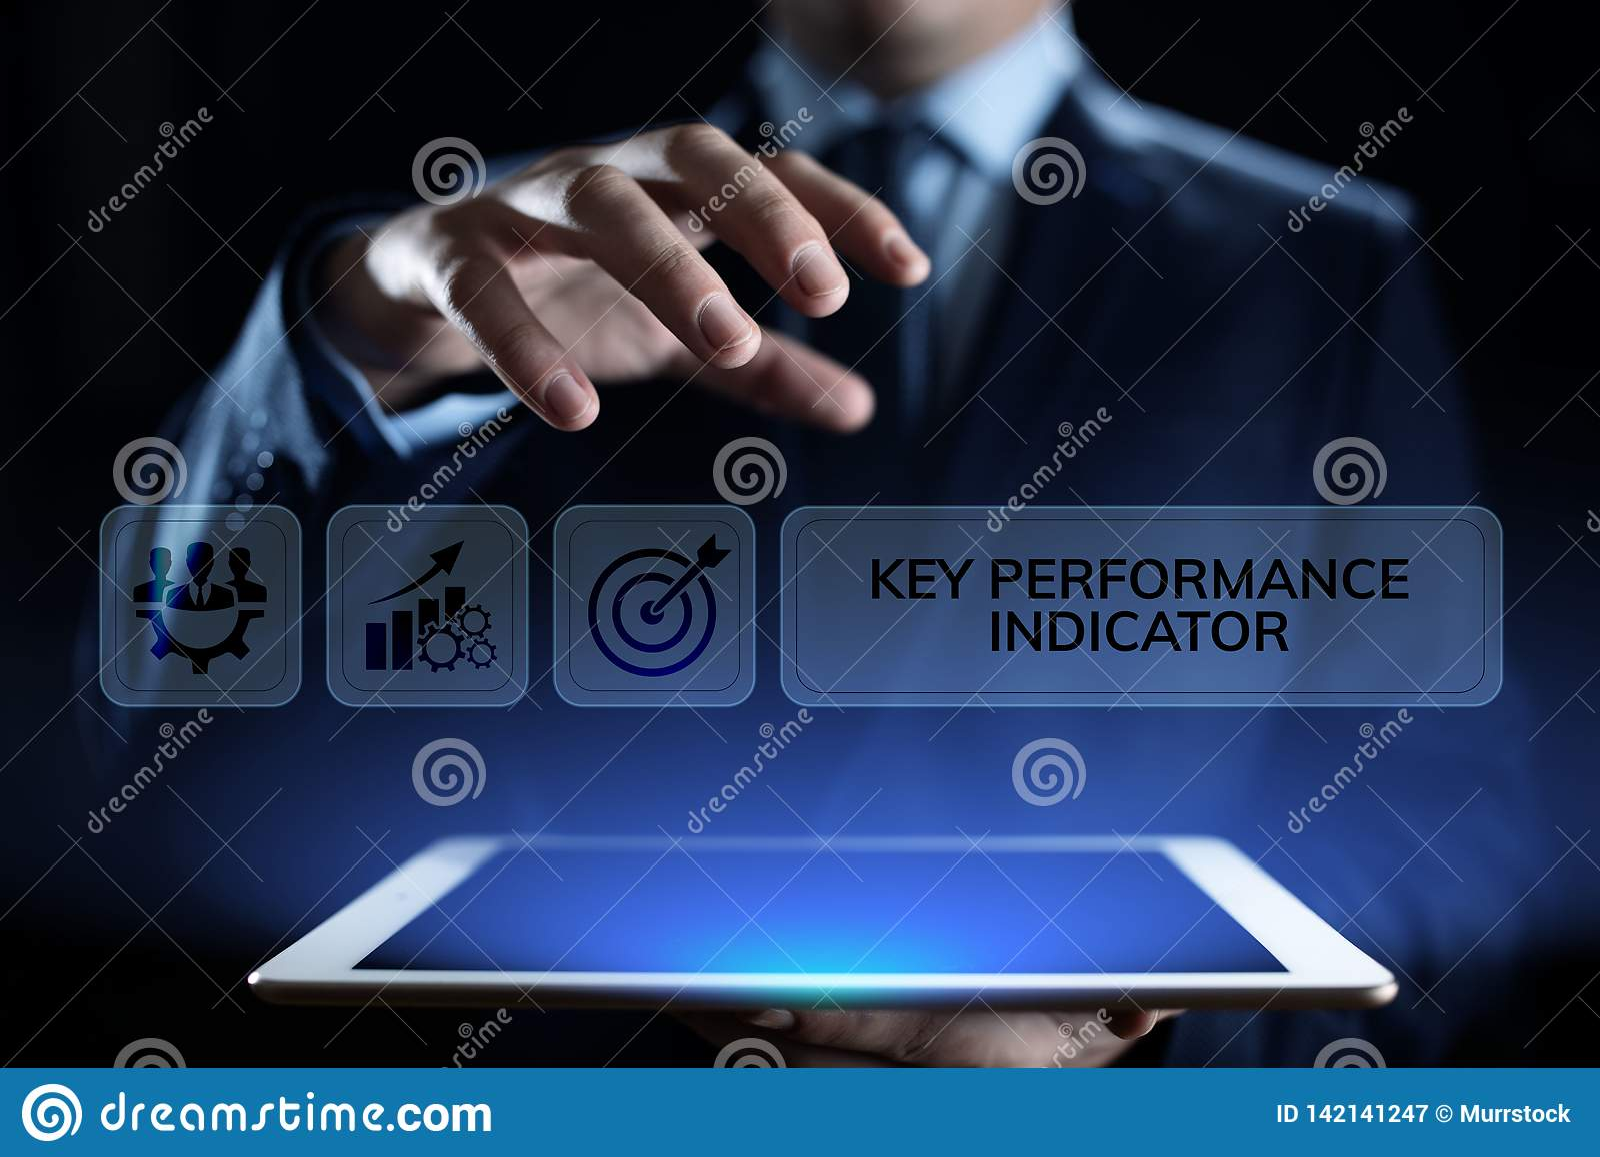 Дело индикатора ключевой производительности KPI и концепция анализа отраслевой структуры на экране